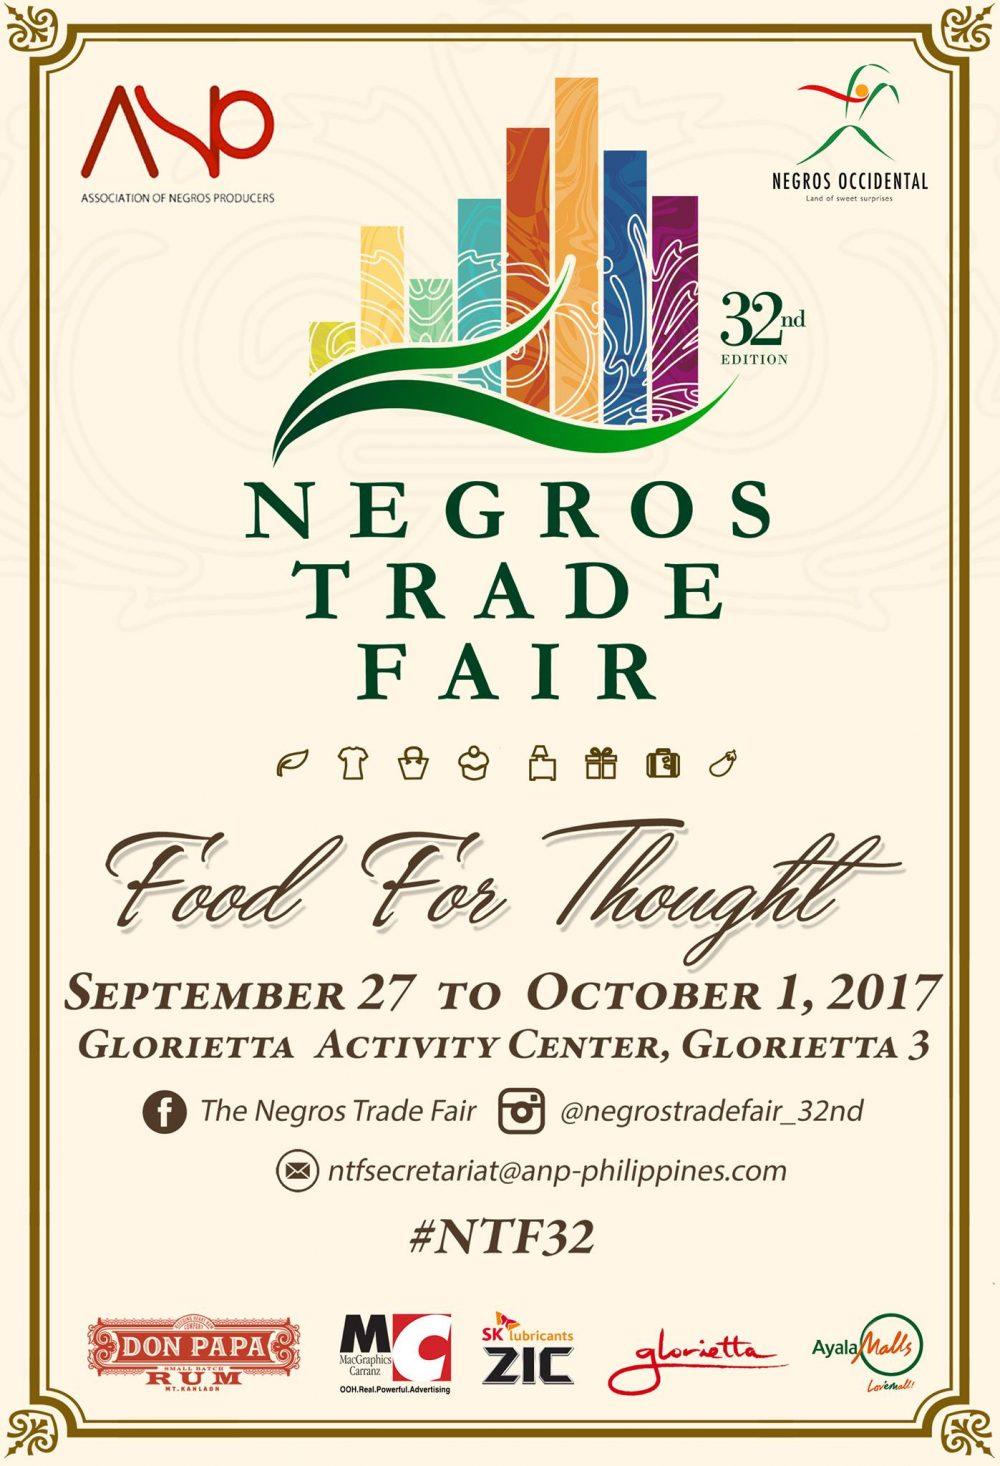 negros trade fair 2017